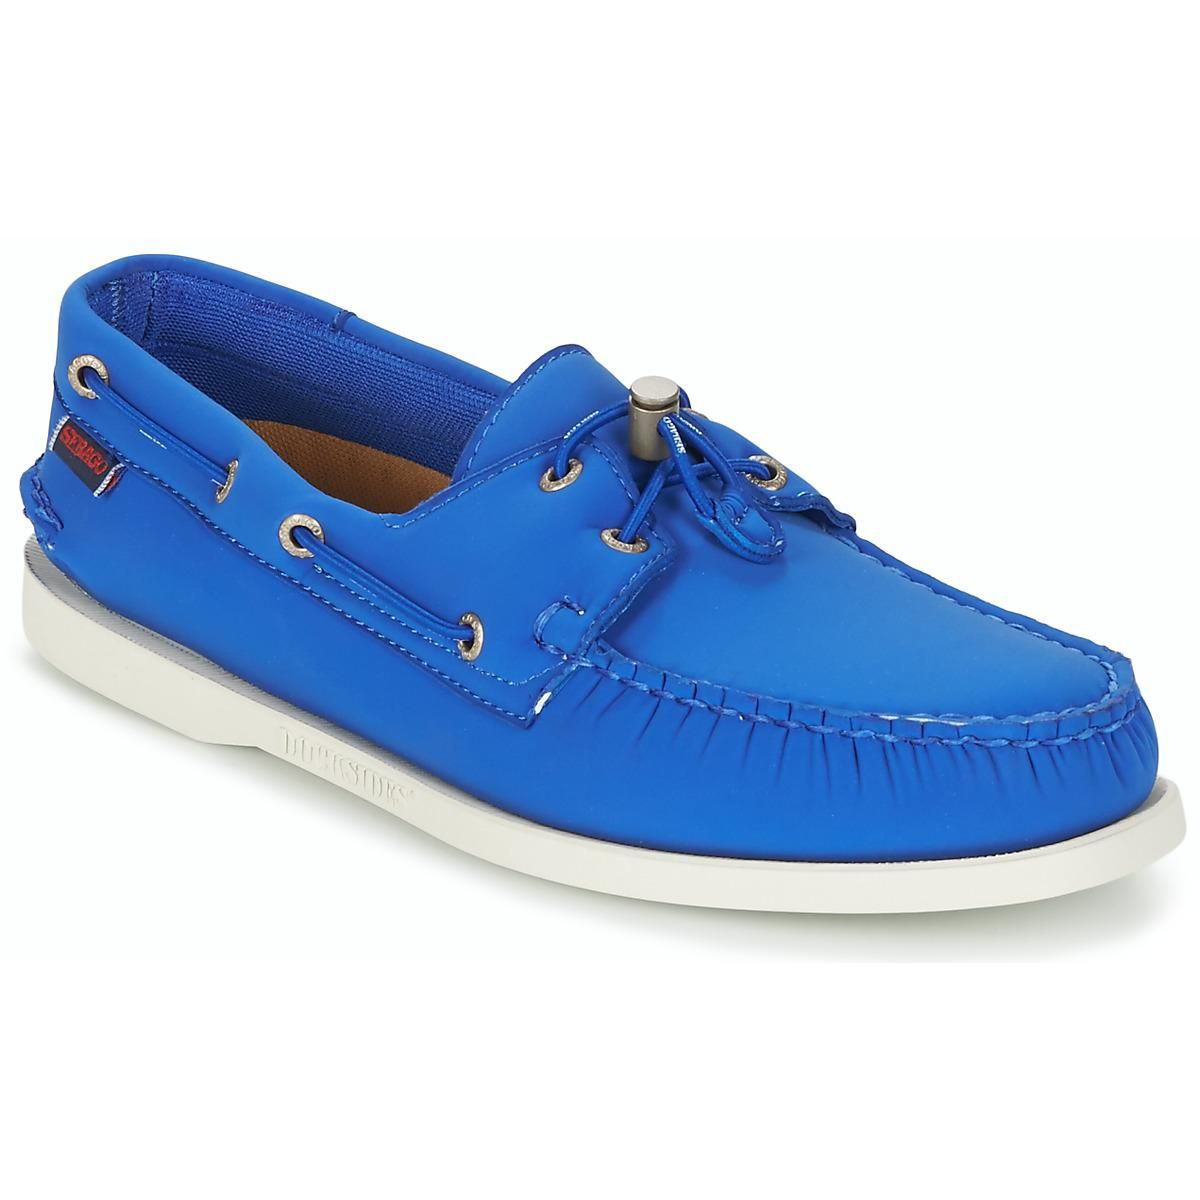 Herren Sebago Mokassins in Blau Modell 7000GA0